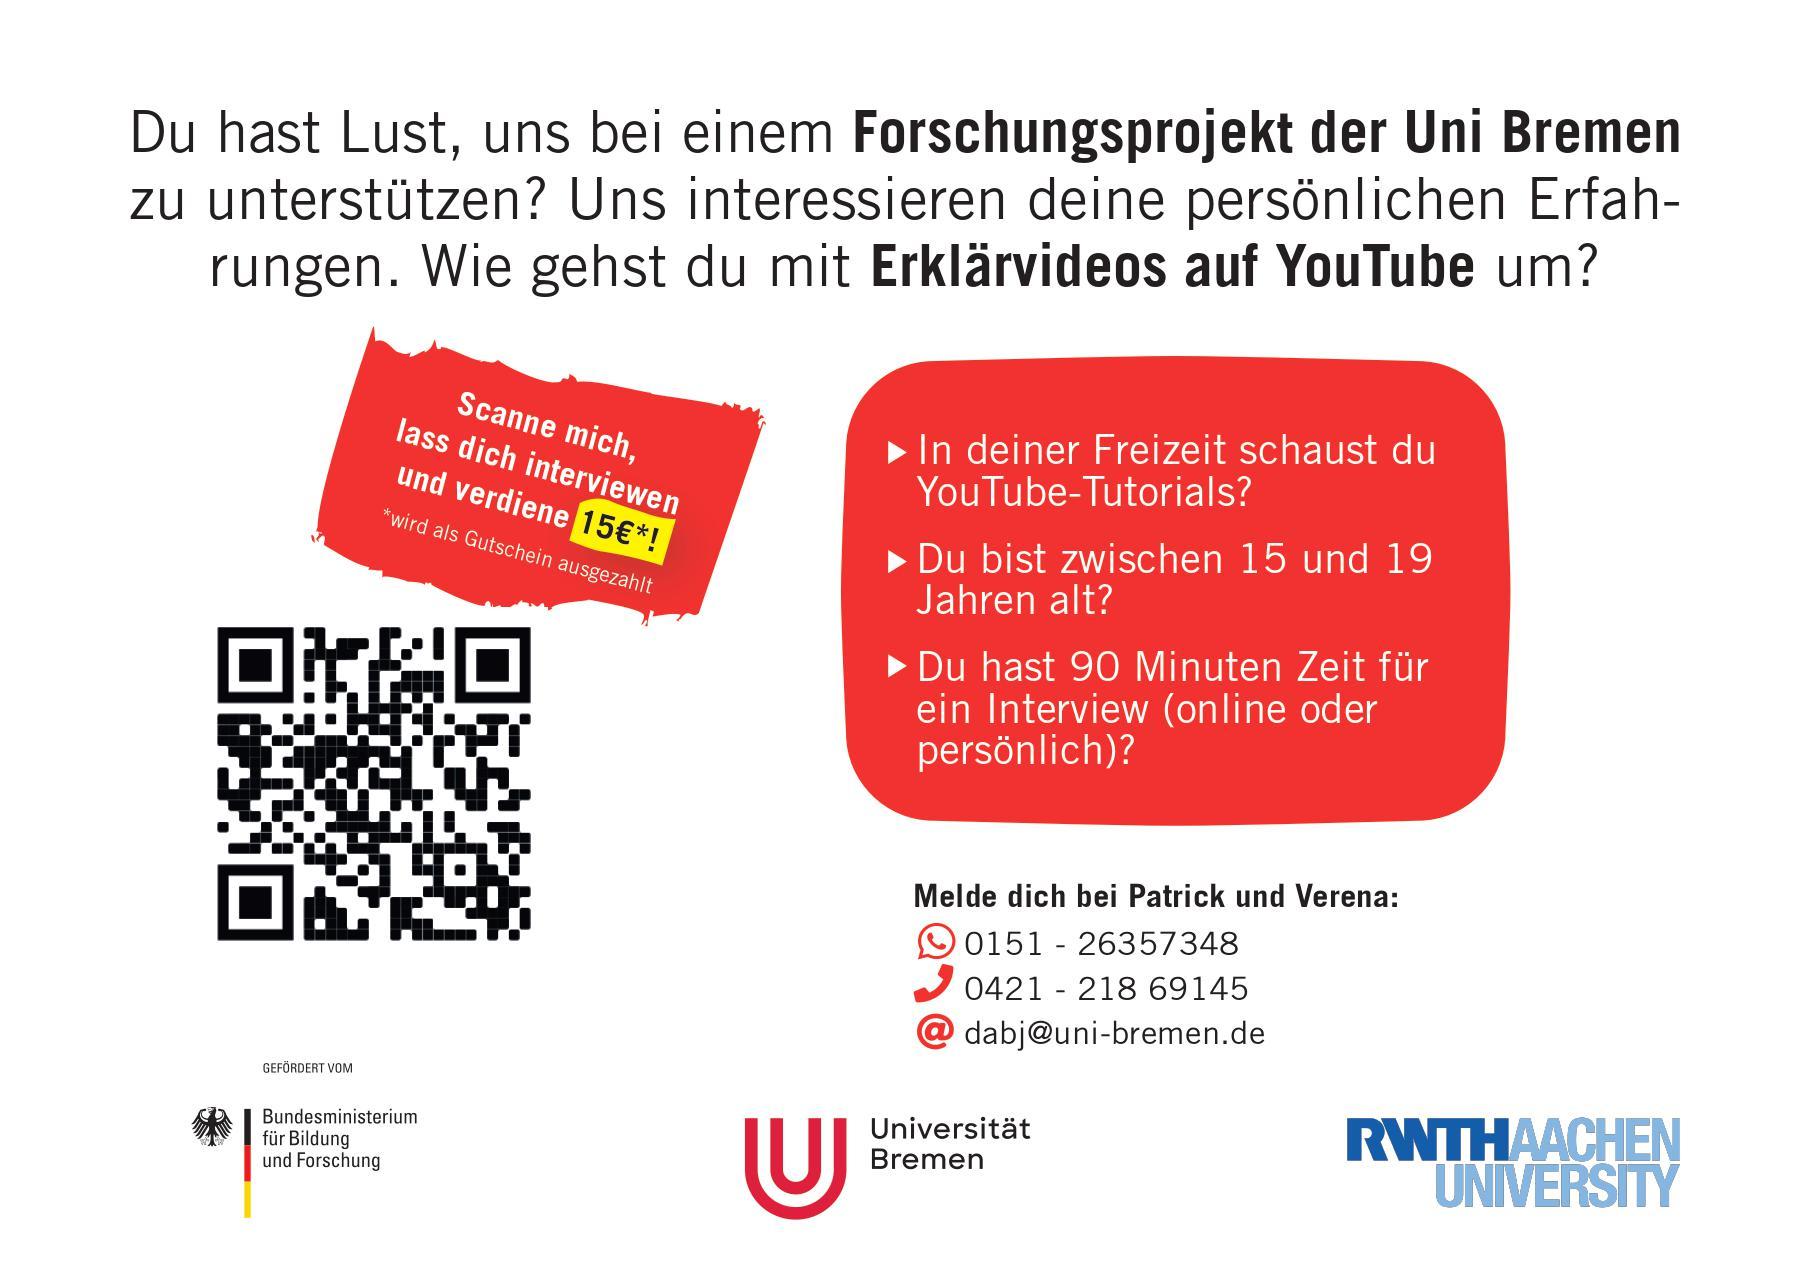 Du schaust YouTube Tutorials? Gib uns ein Interview und verdiene dir 15€!